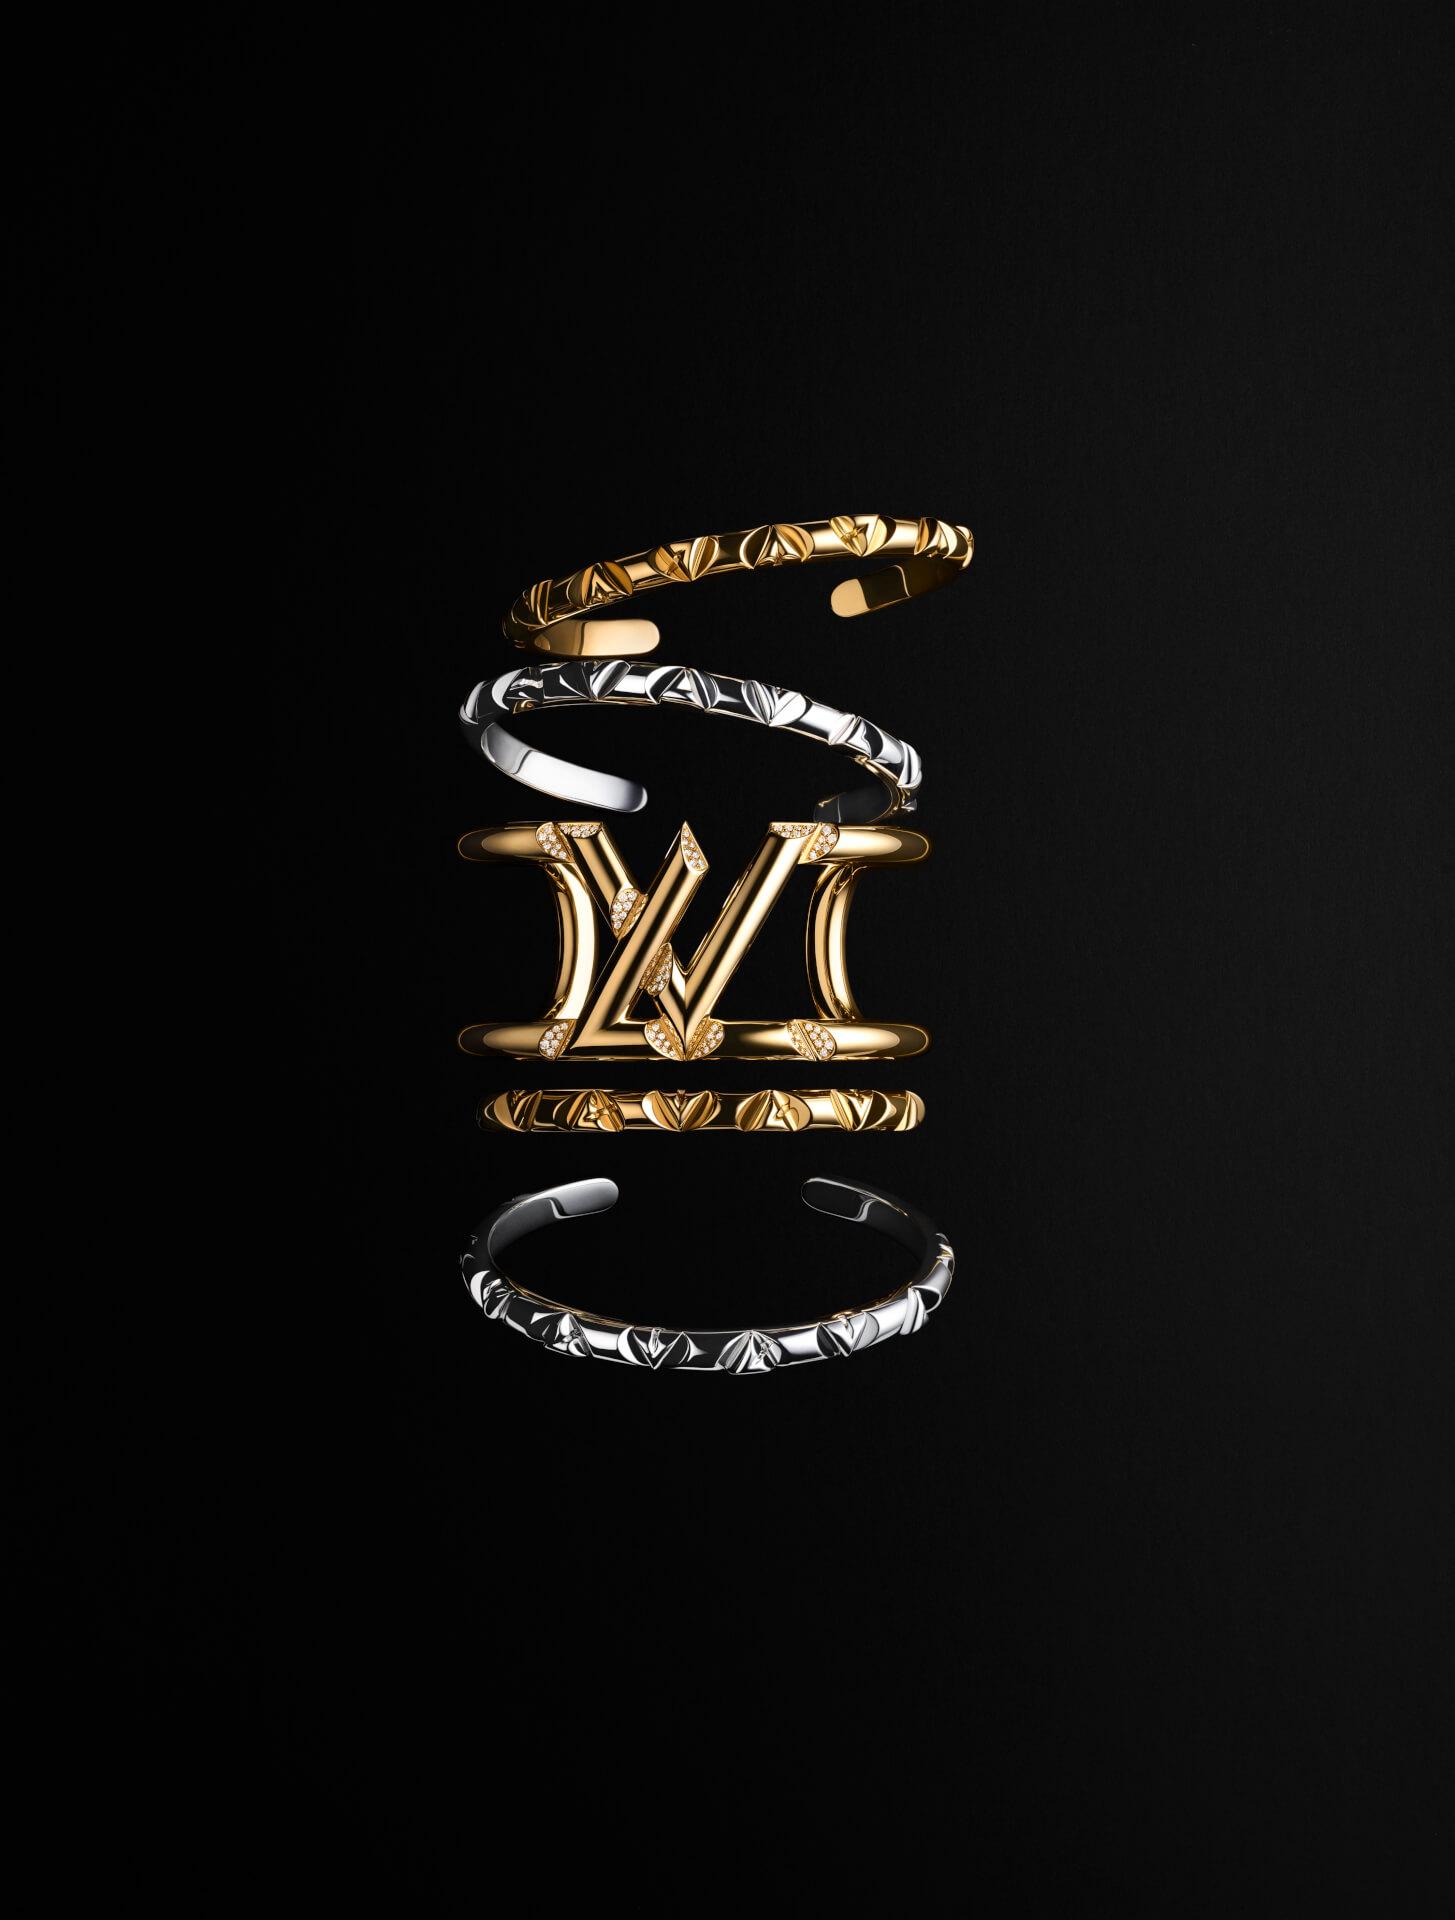 ルイ・ヴィトンから新作ジュエリーコレクション「LV ヴォルト」が発売決定!ブランド初となるユニセックスのデザインに fashion2020728_louisvuitton6